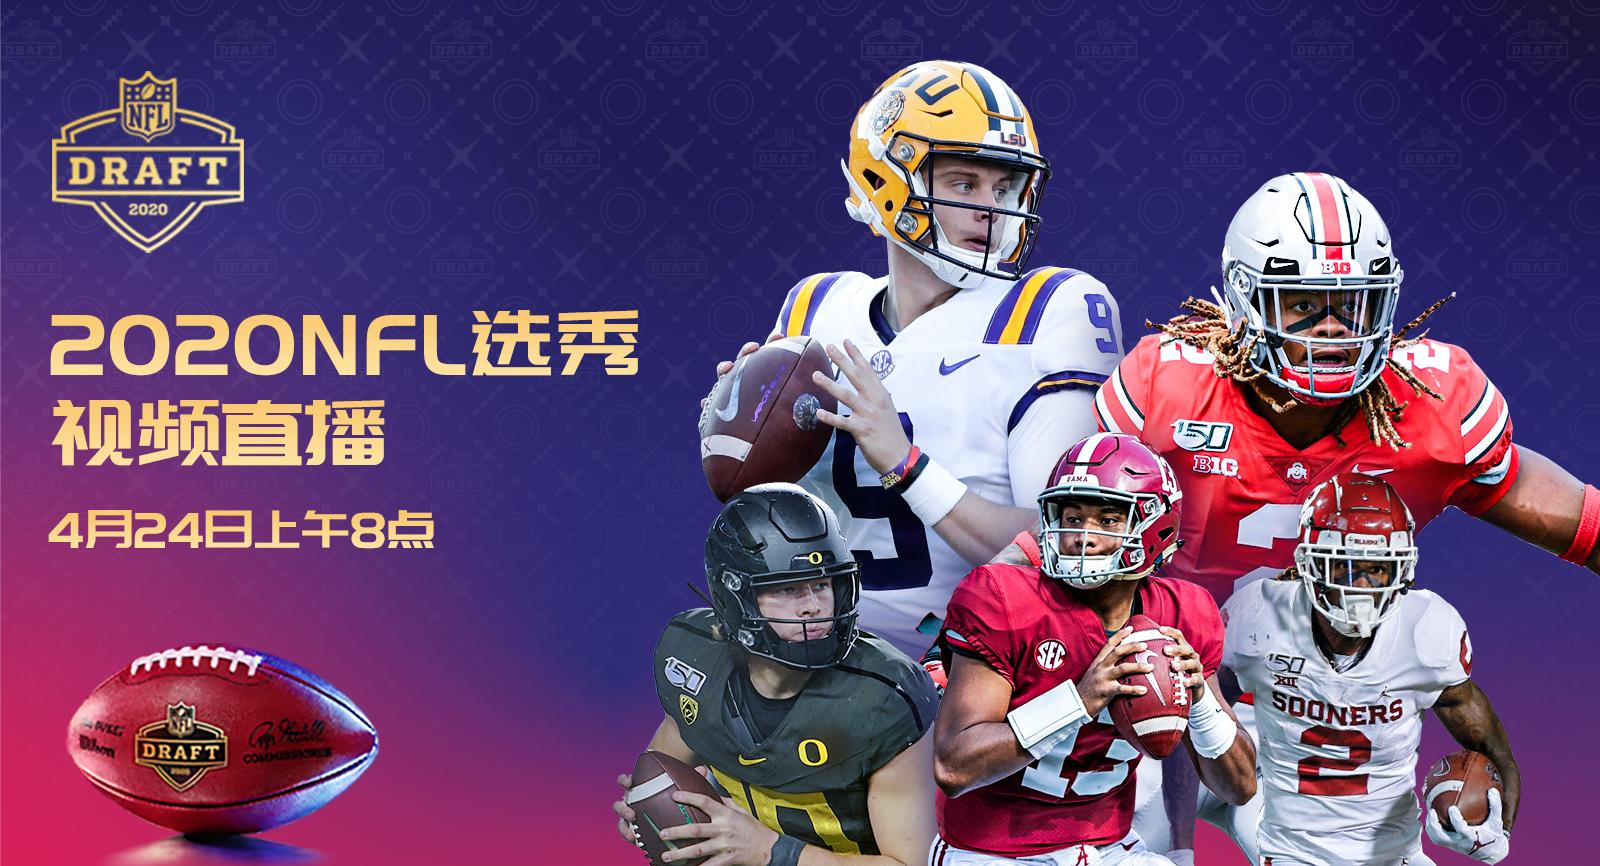 2020NFL选秀大会最全指南!